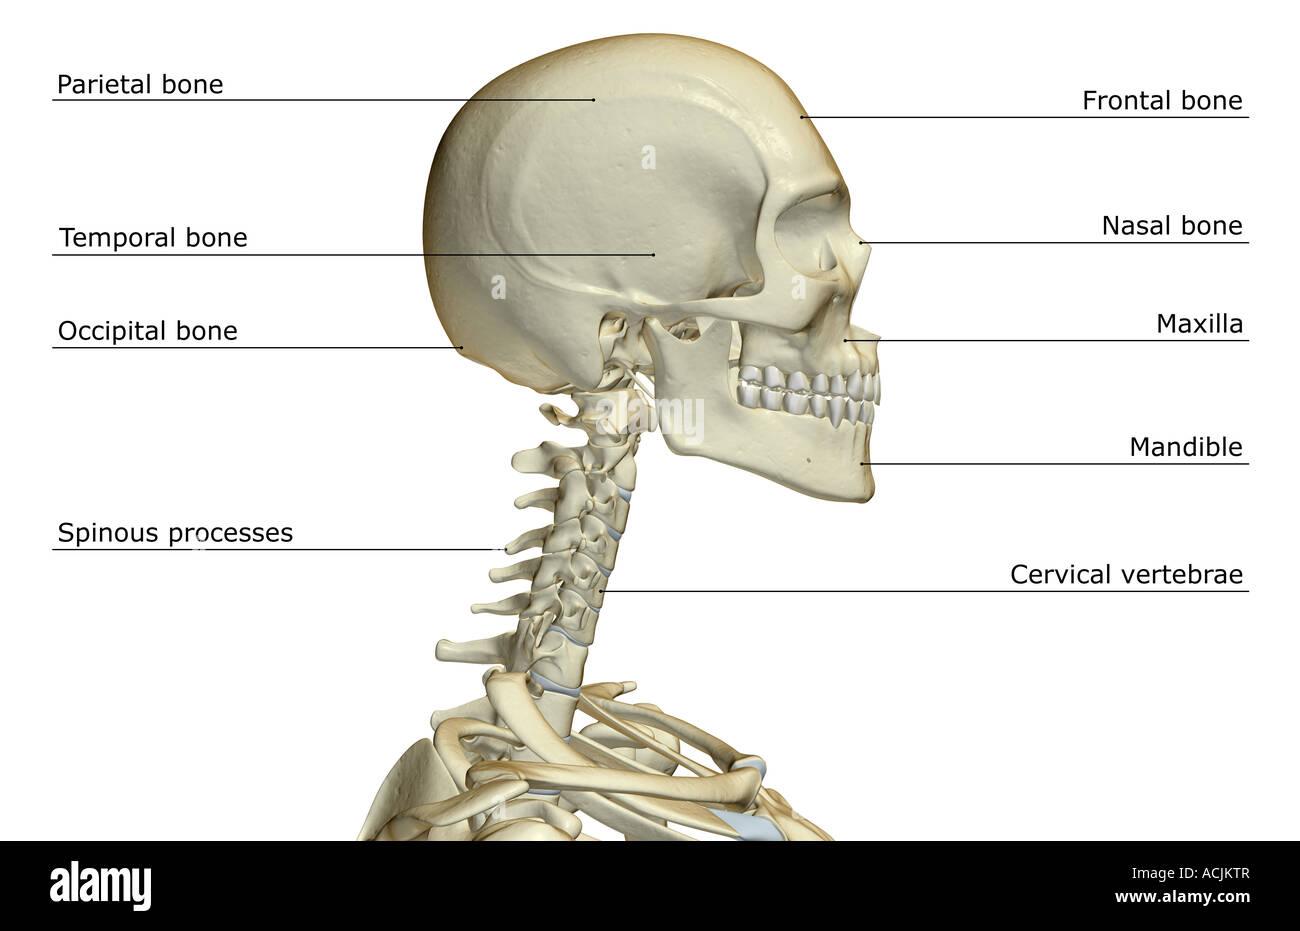 Niedlich Anatomie Des Kopfes Knochen Ideen - Anatomie Ideen ...